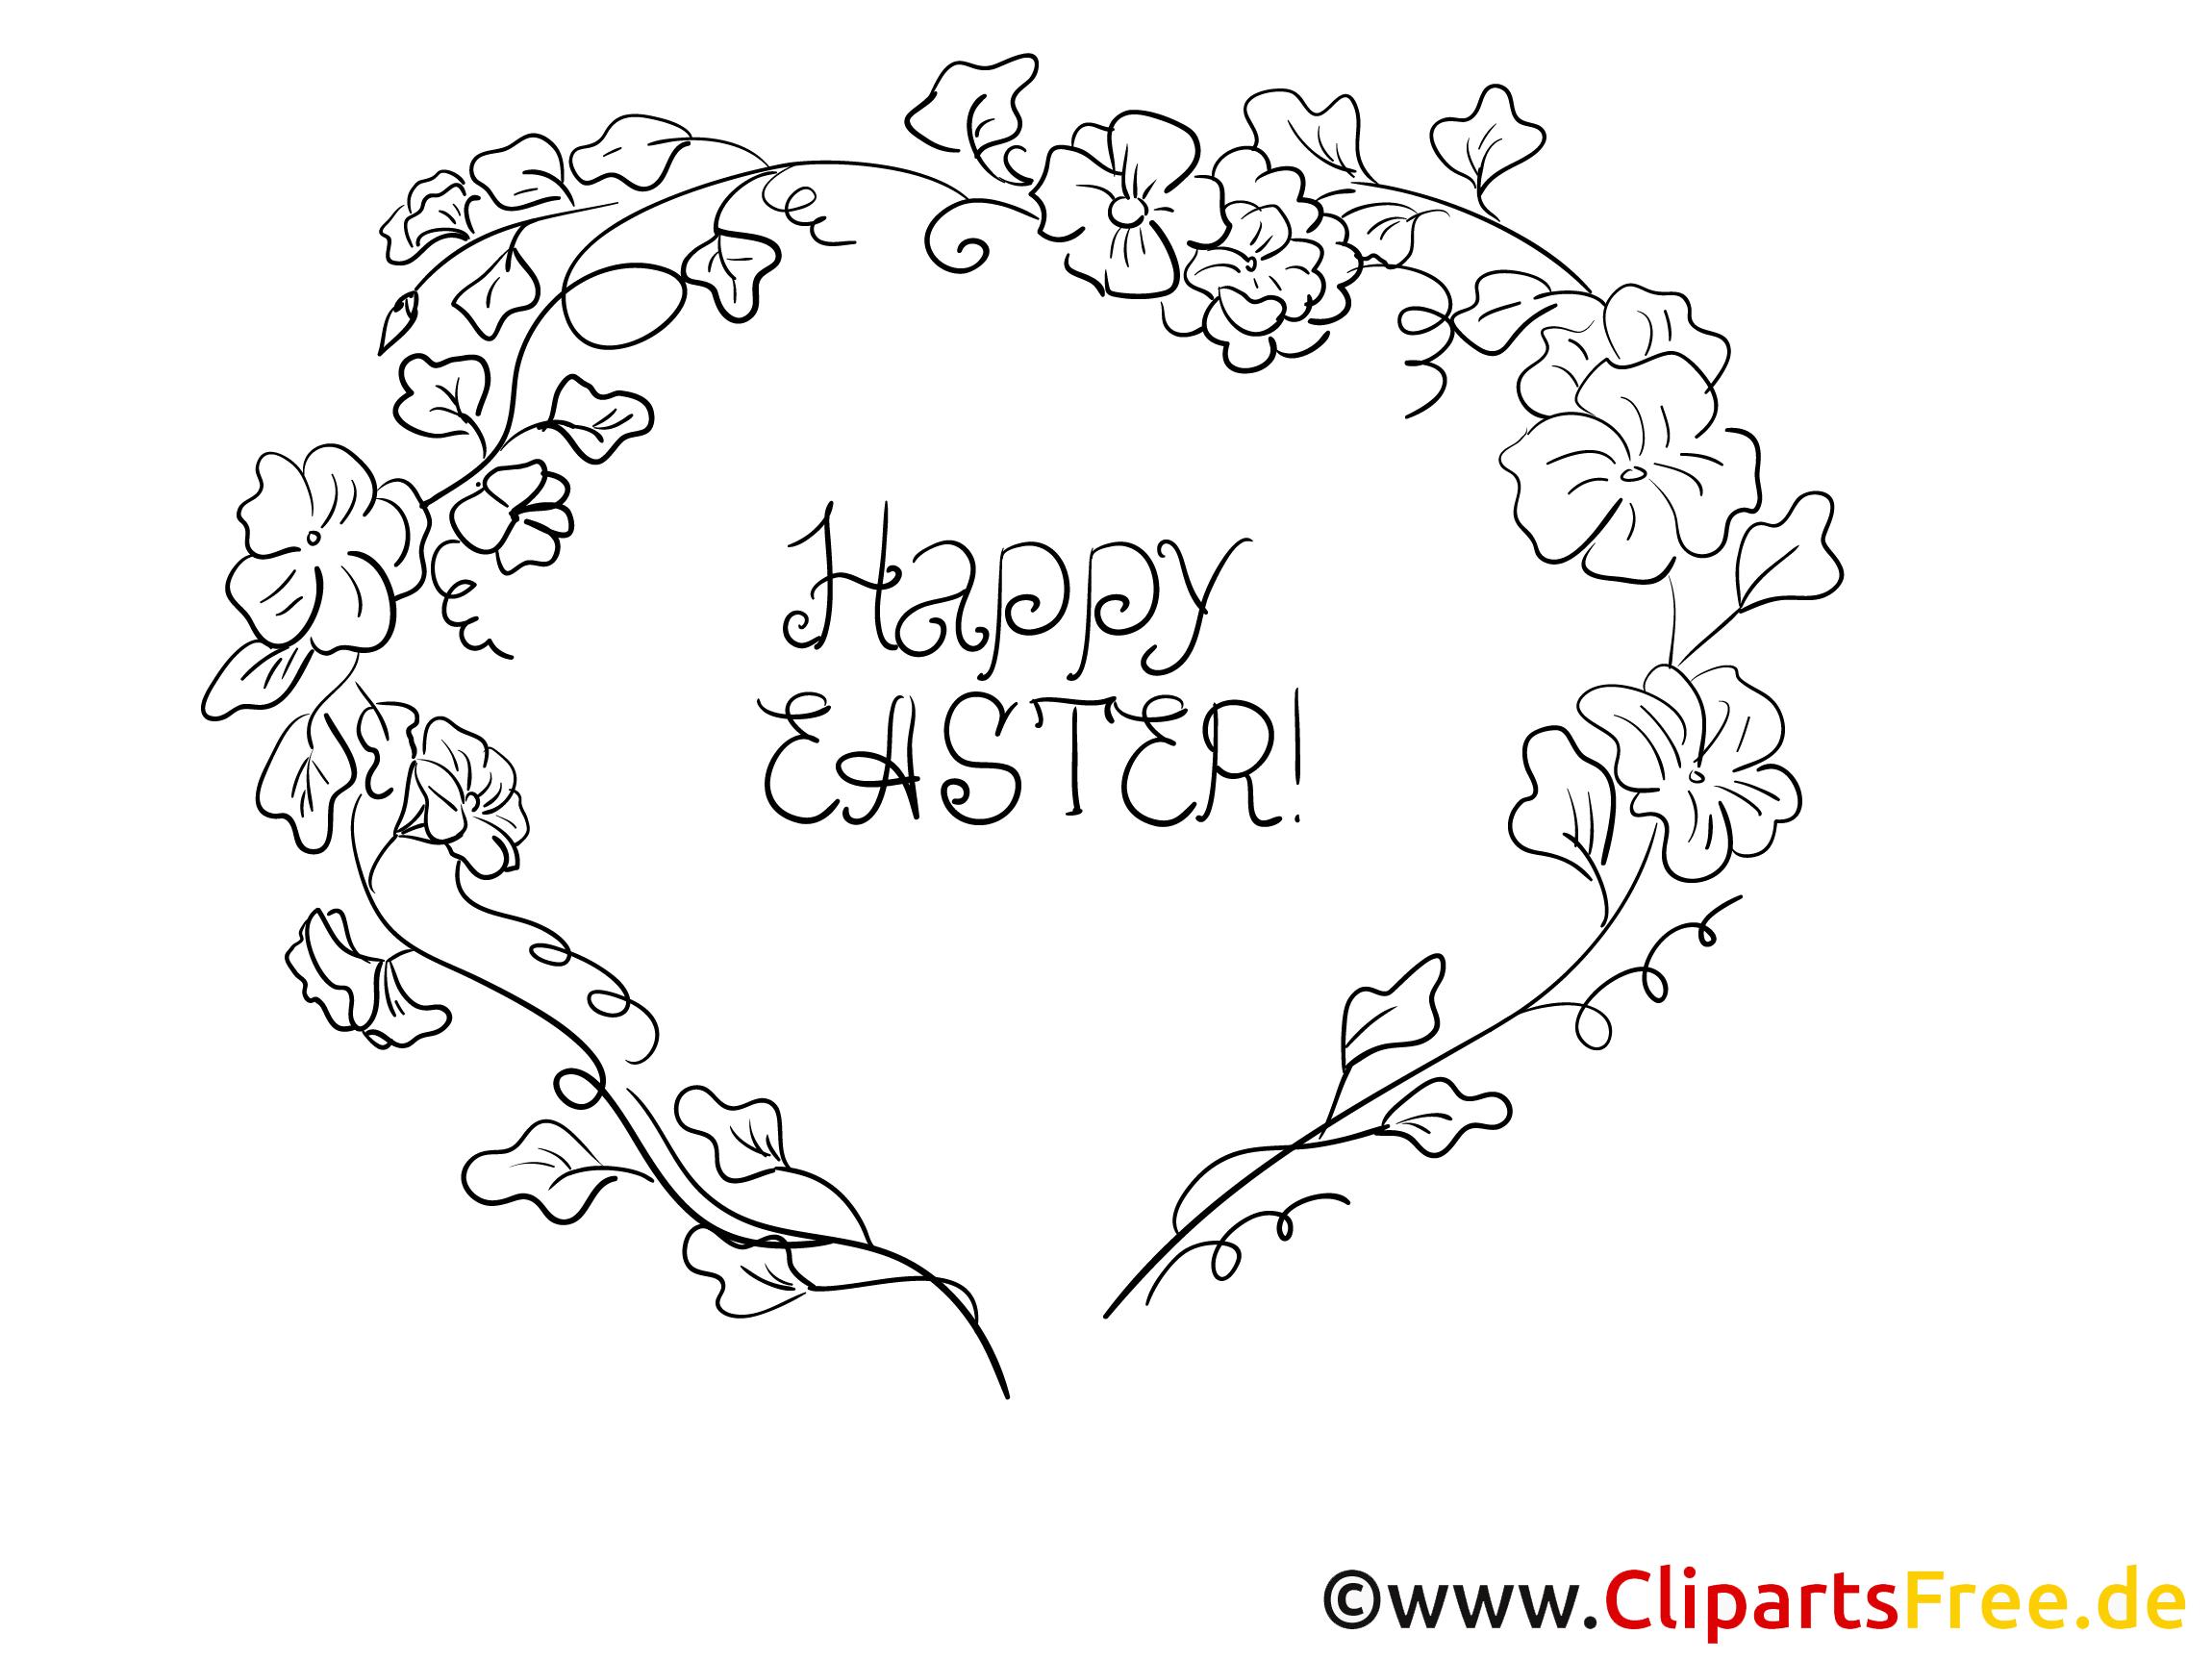 Happy Easter Bild zu Ostern kostenlos